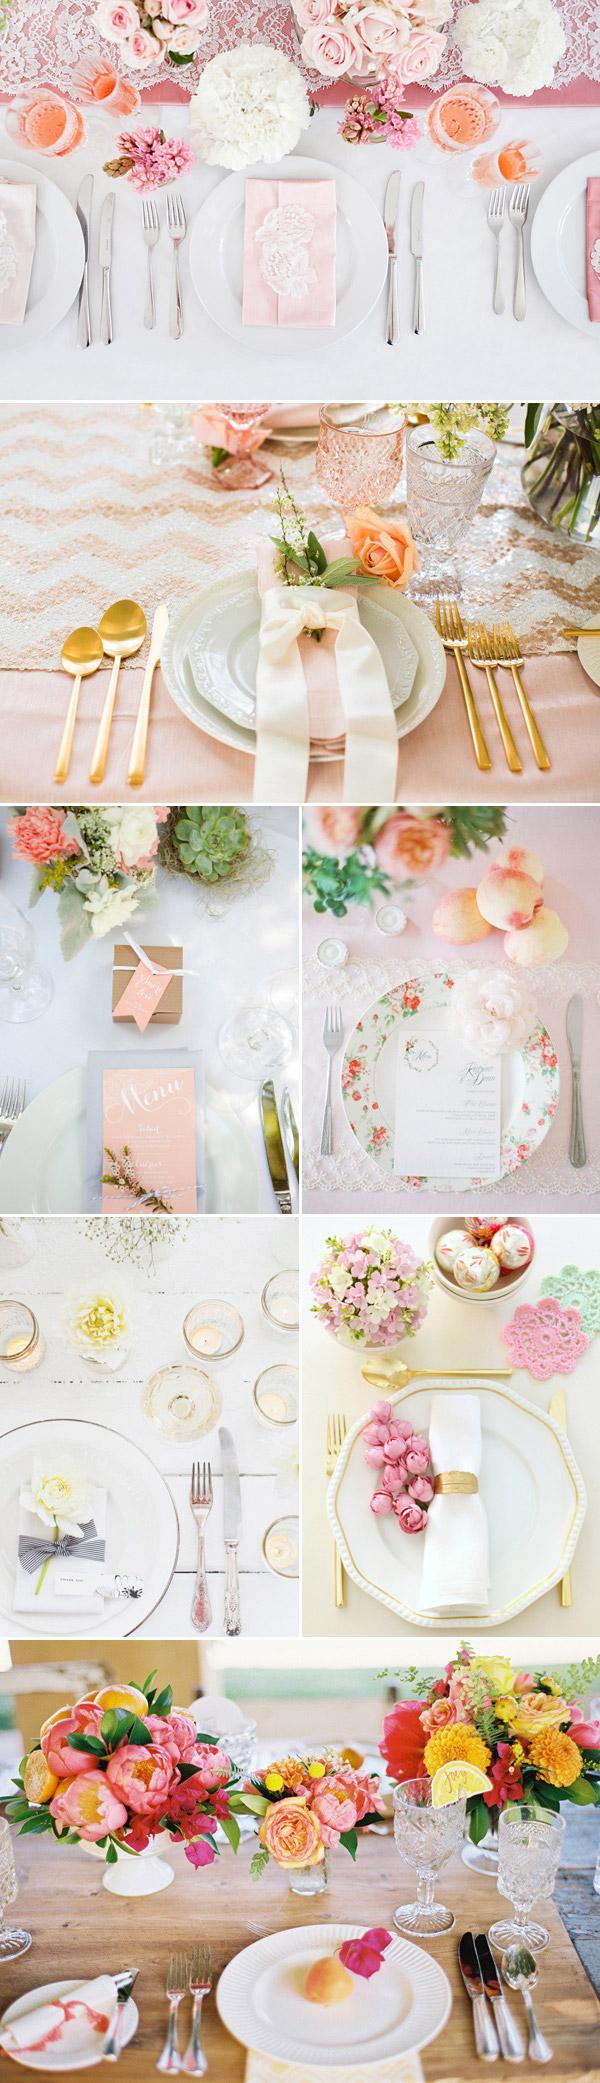 shustyle_wedding table_150121_04